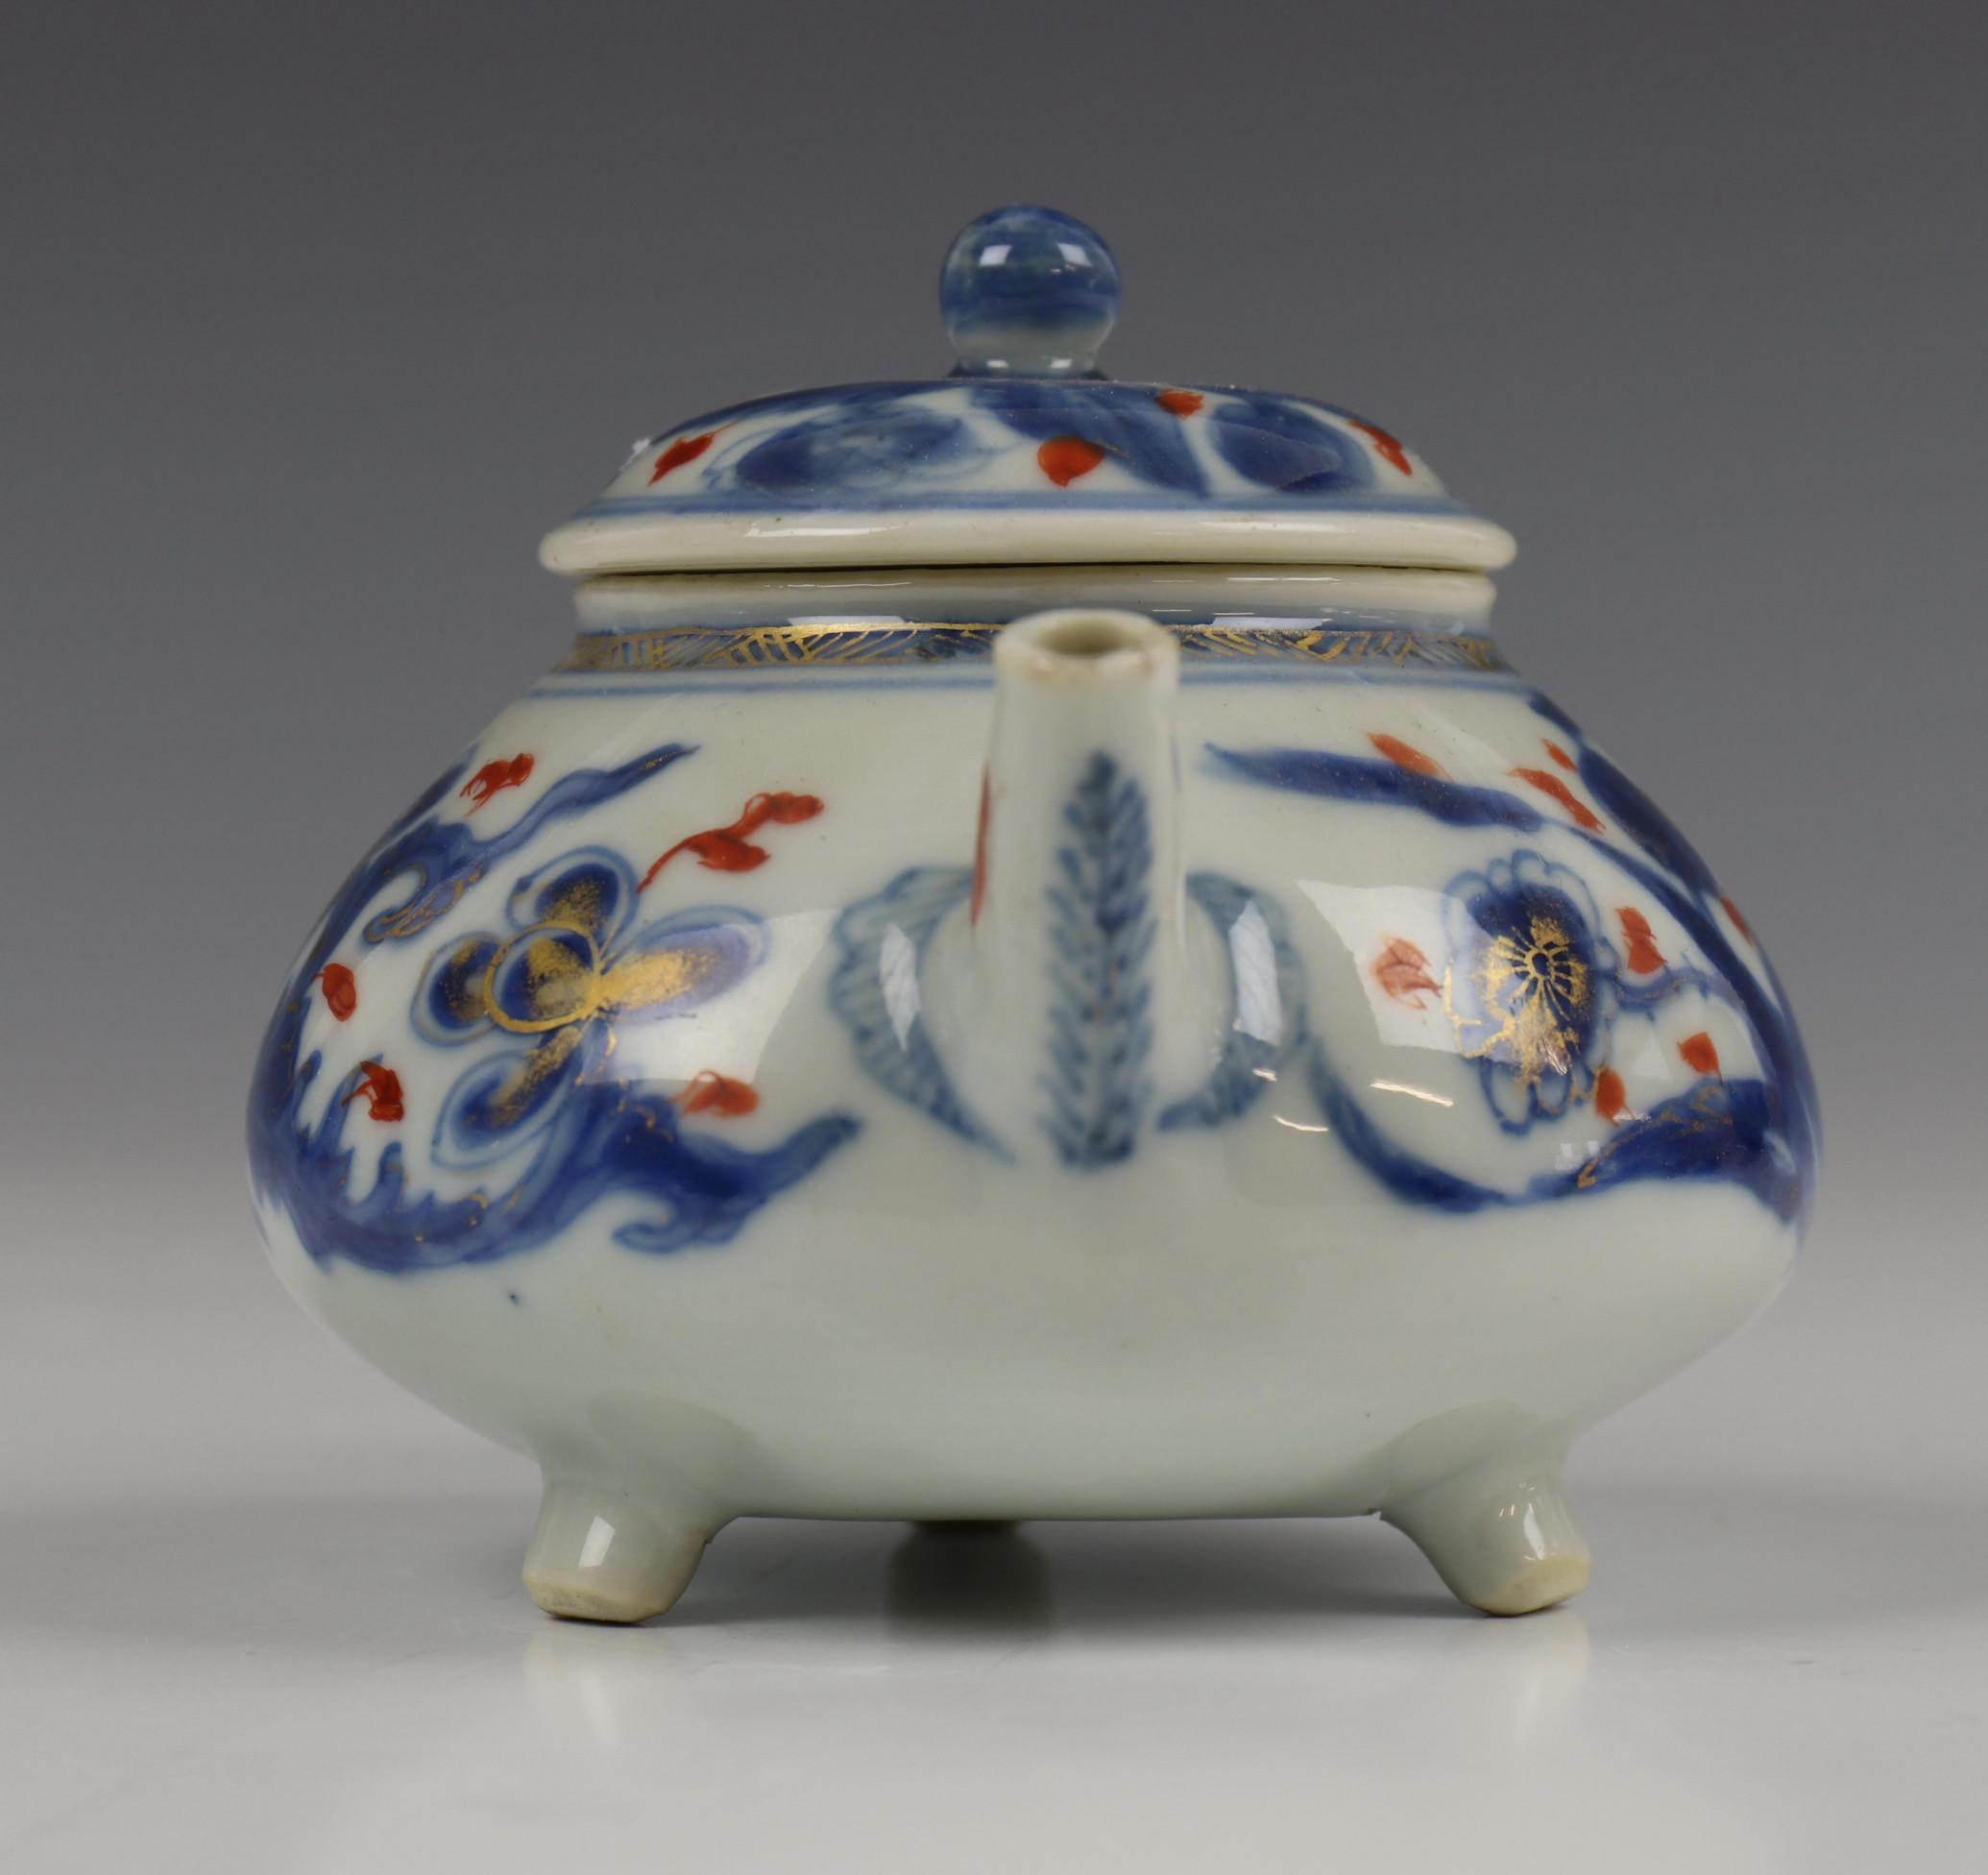 China, blauw-wit porseleinen trekpot, Imari trekpotje en melkkan, 18e eeuw, - Image 16 of 21